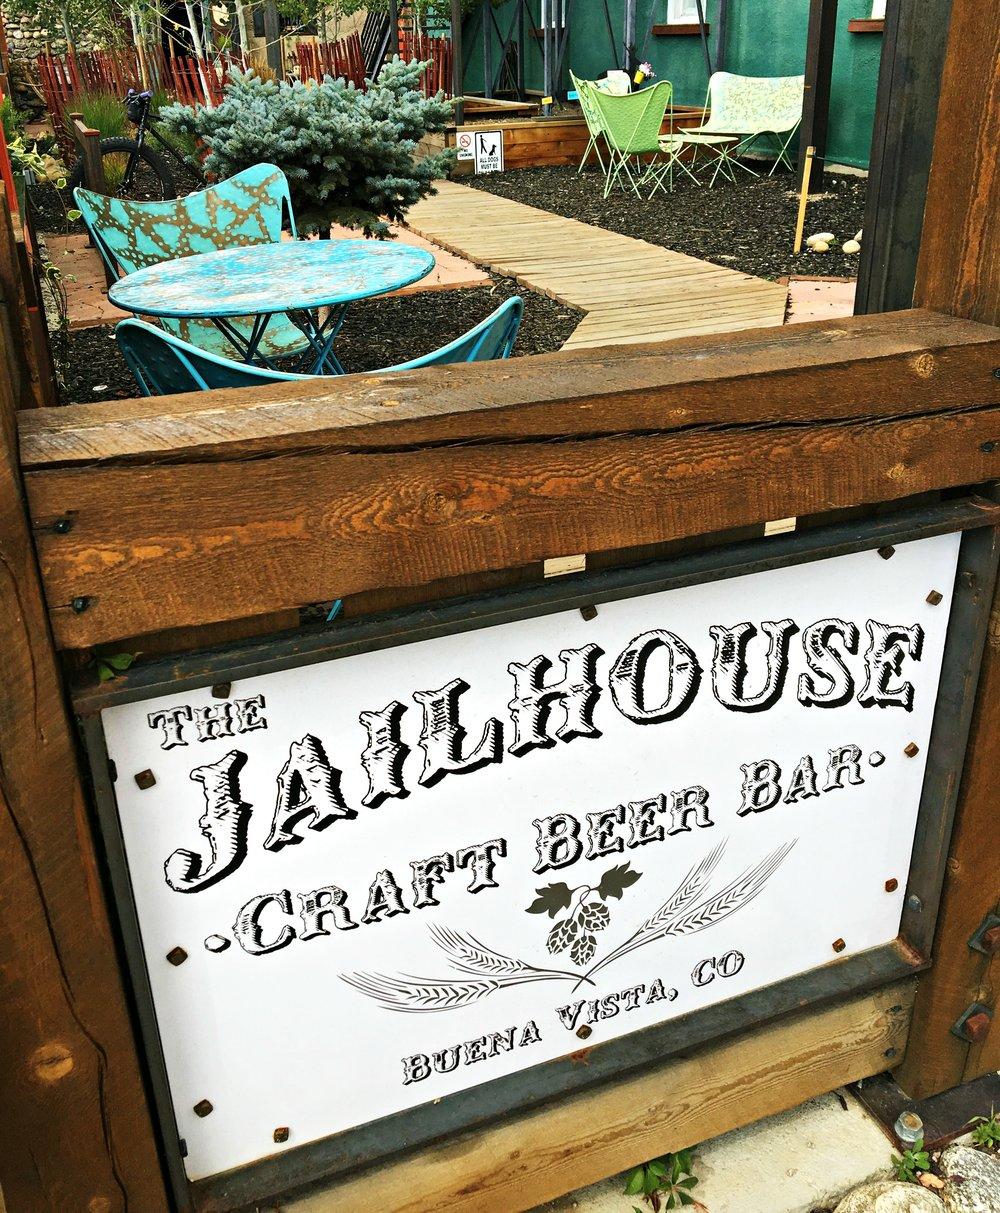 Jailhouse craft beer Buena Vista Colorado